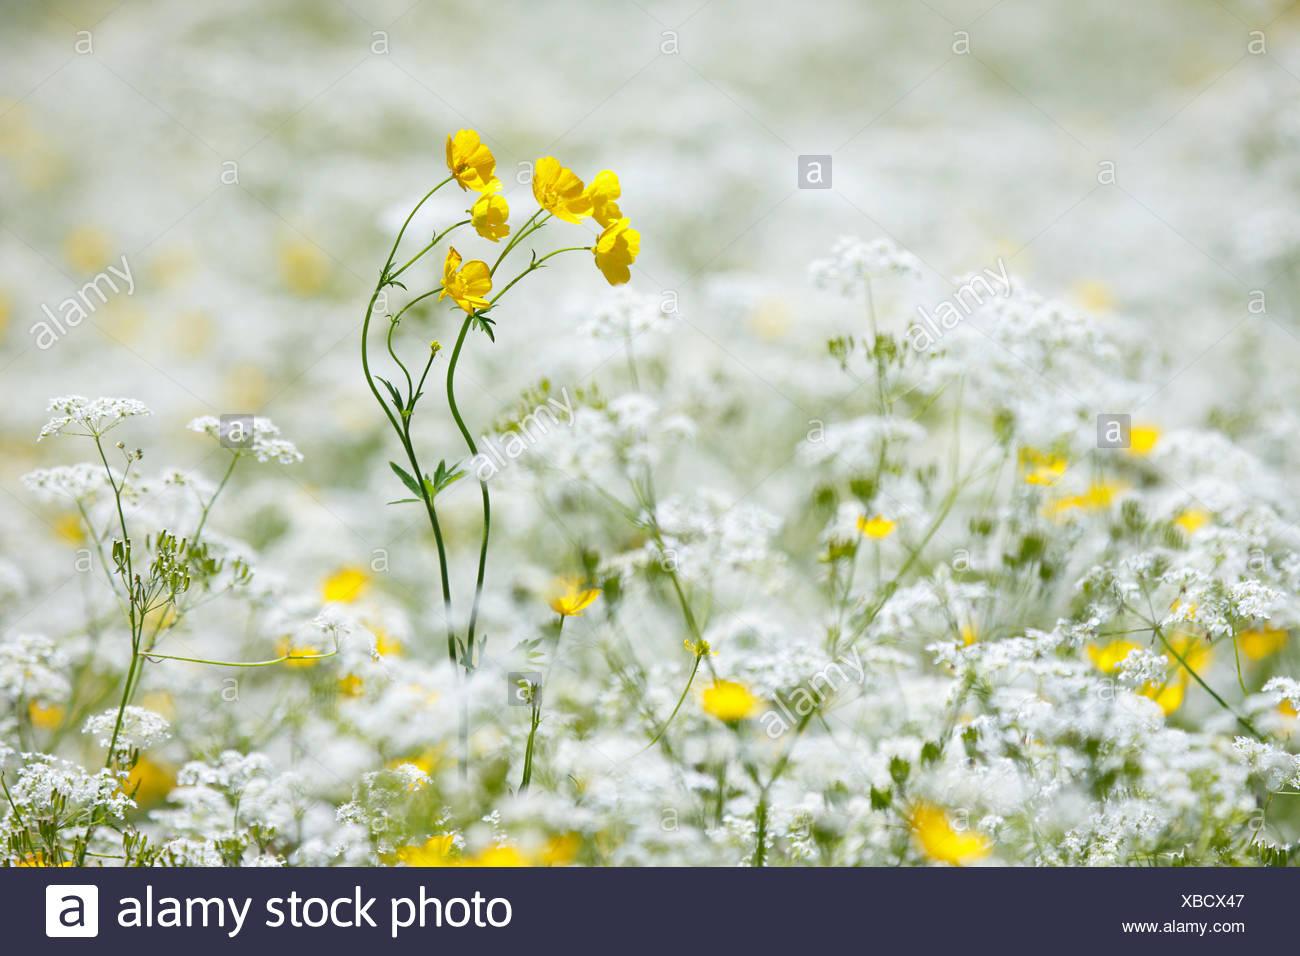 Blume, Blumen, Blumenwiese, reiche Farbgebung, Flora, Frühling, Crowfoot, Hintergrund, Kerbel, dünne Wiese, Masse, Muster, Schweiz Stockbild